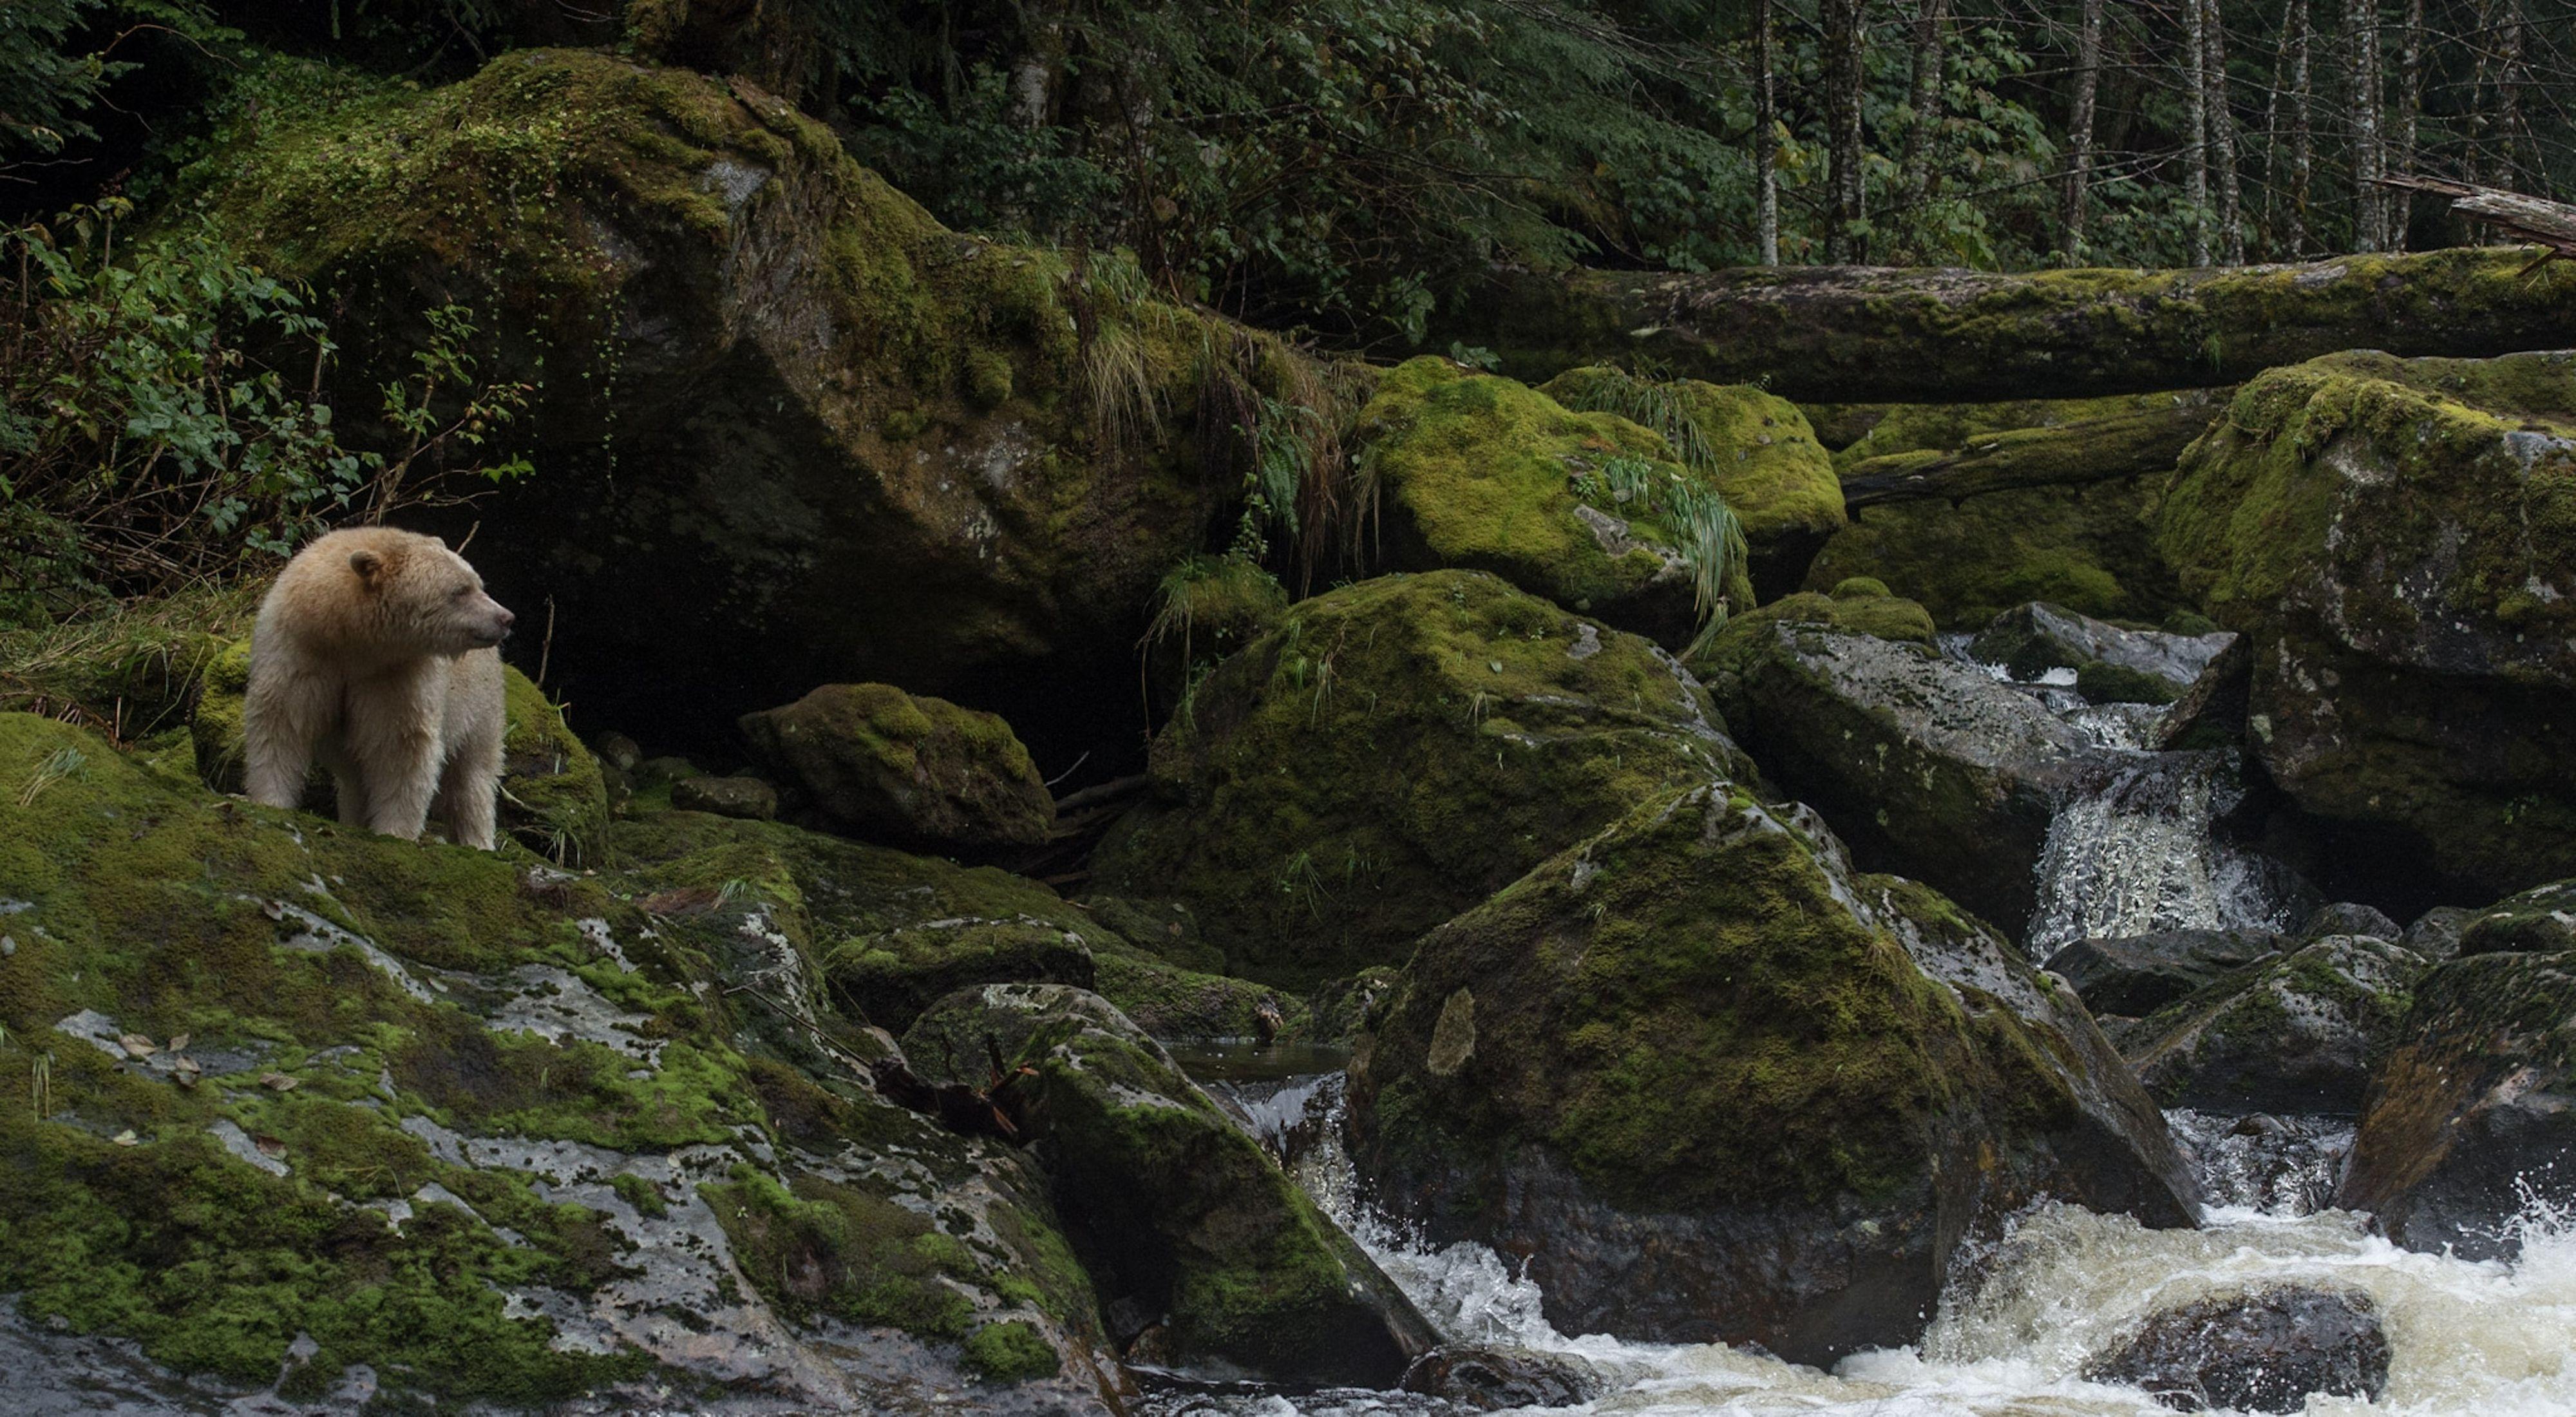 A rare kermode spirit bear climbs on moss-covered rocks in the Great Bear Rainforest.